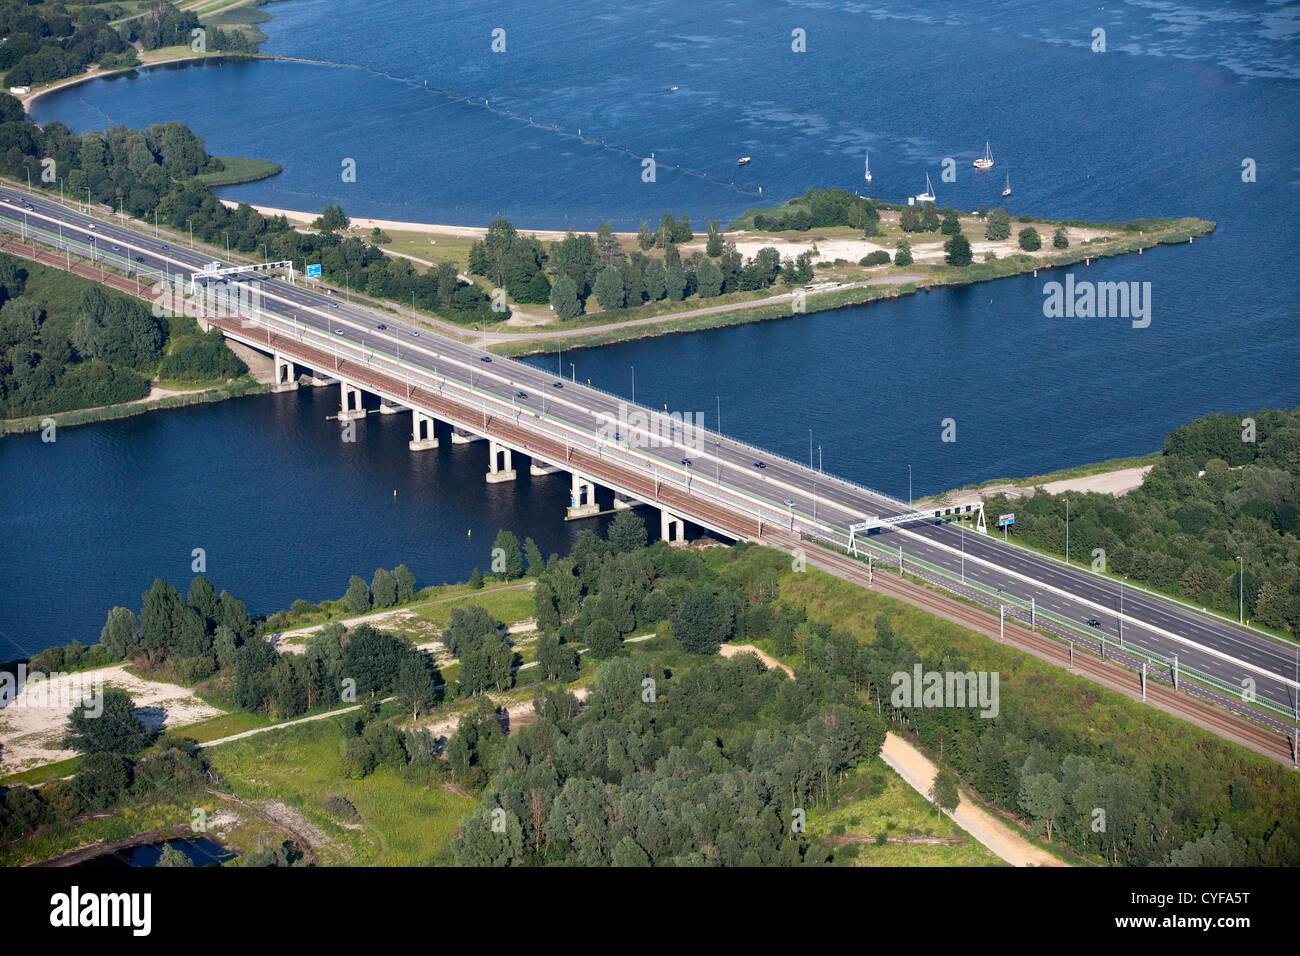 The Netherlands, Muiderberg, Bridge called  Holland Bridge (Hollandse Brug) crossing Gooimeer lake. A6 highway. - Stock Image